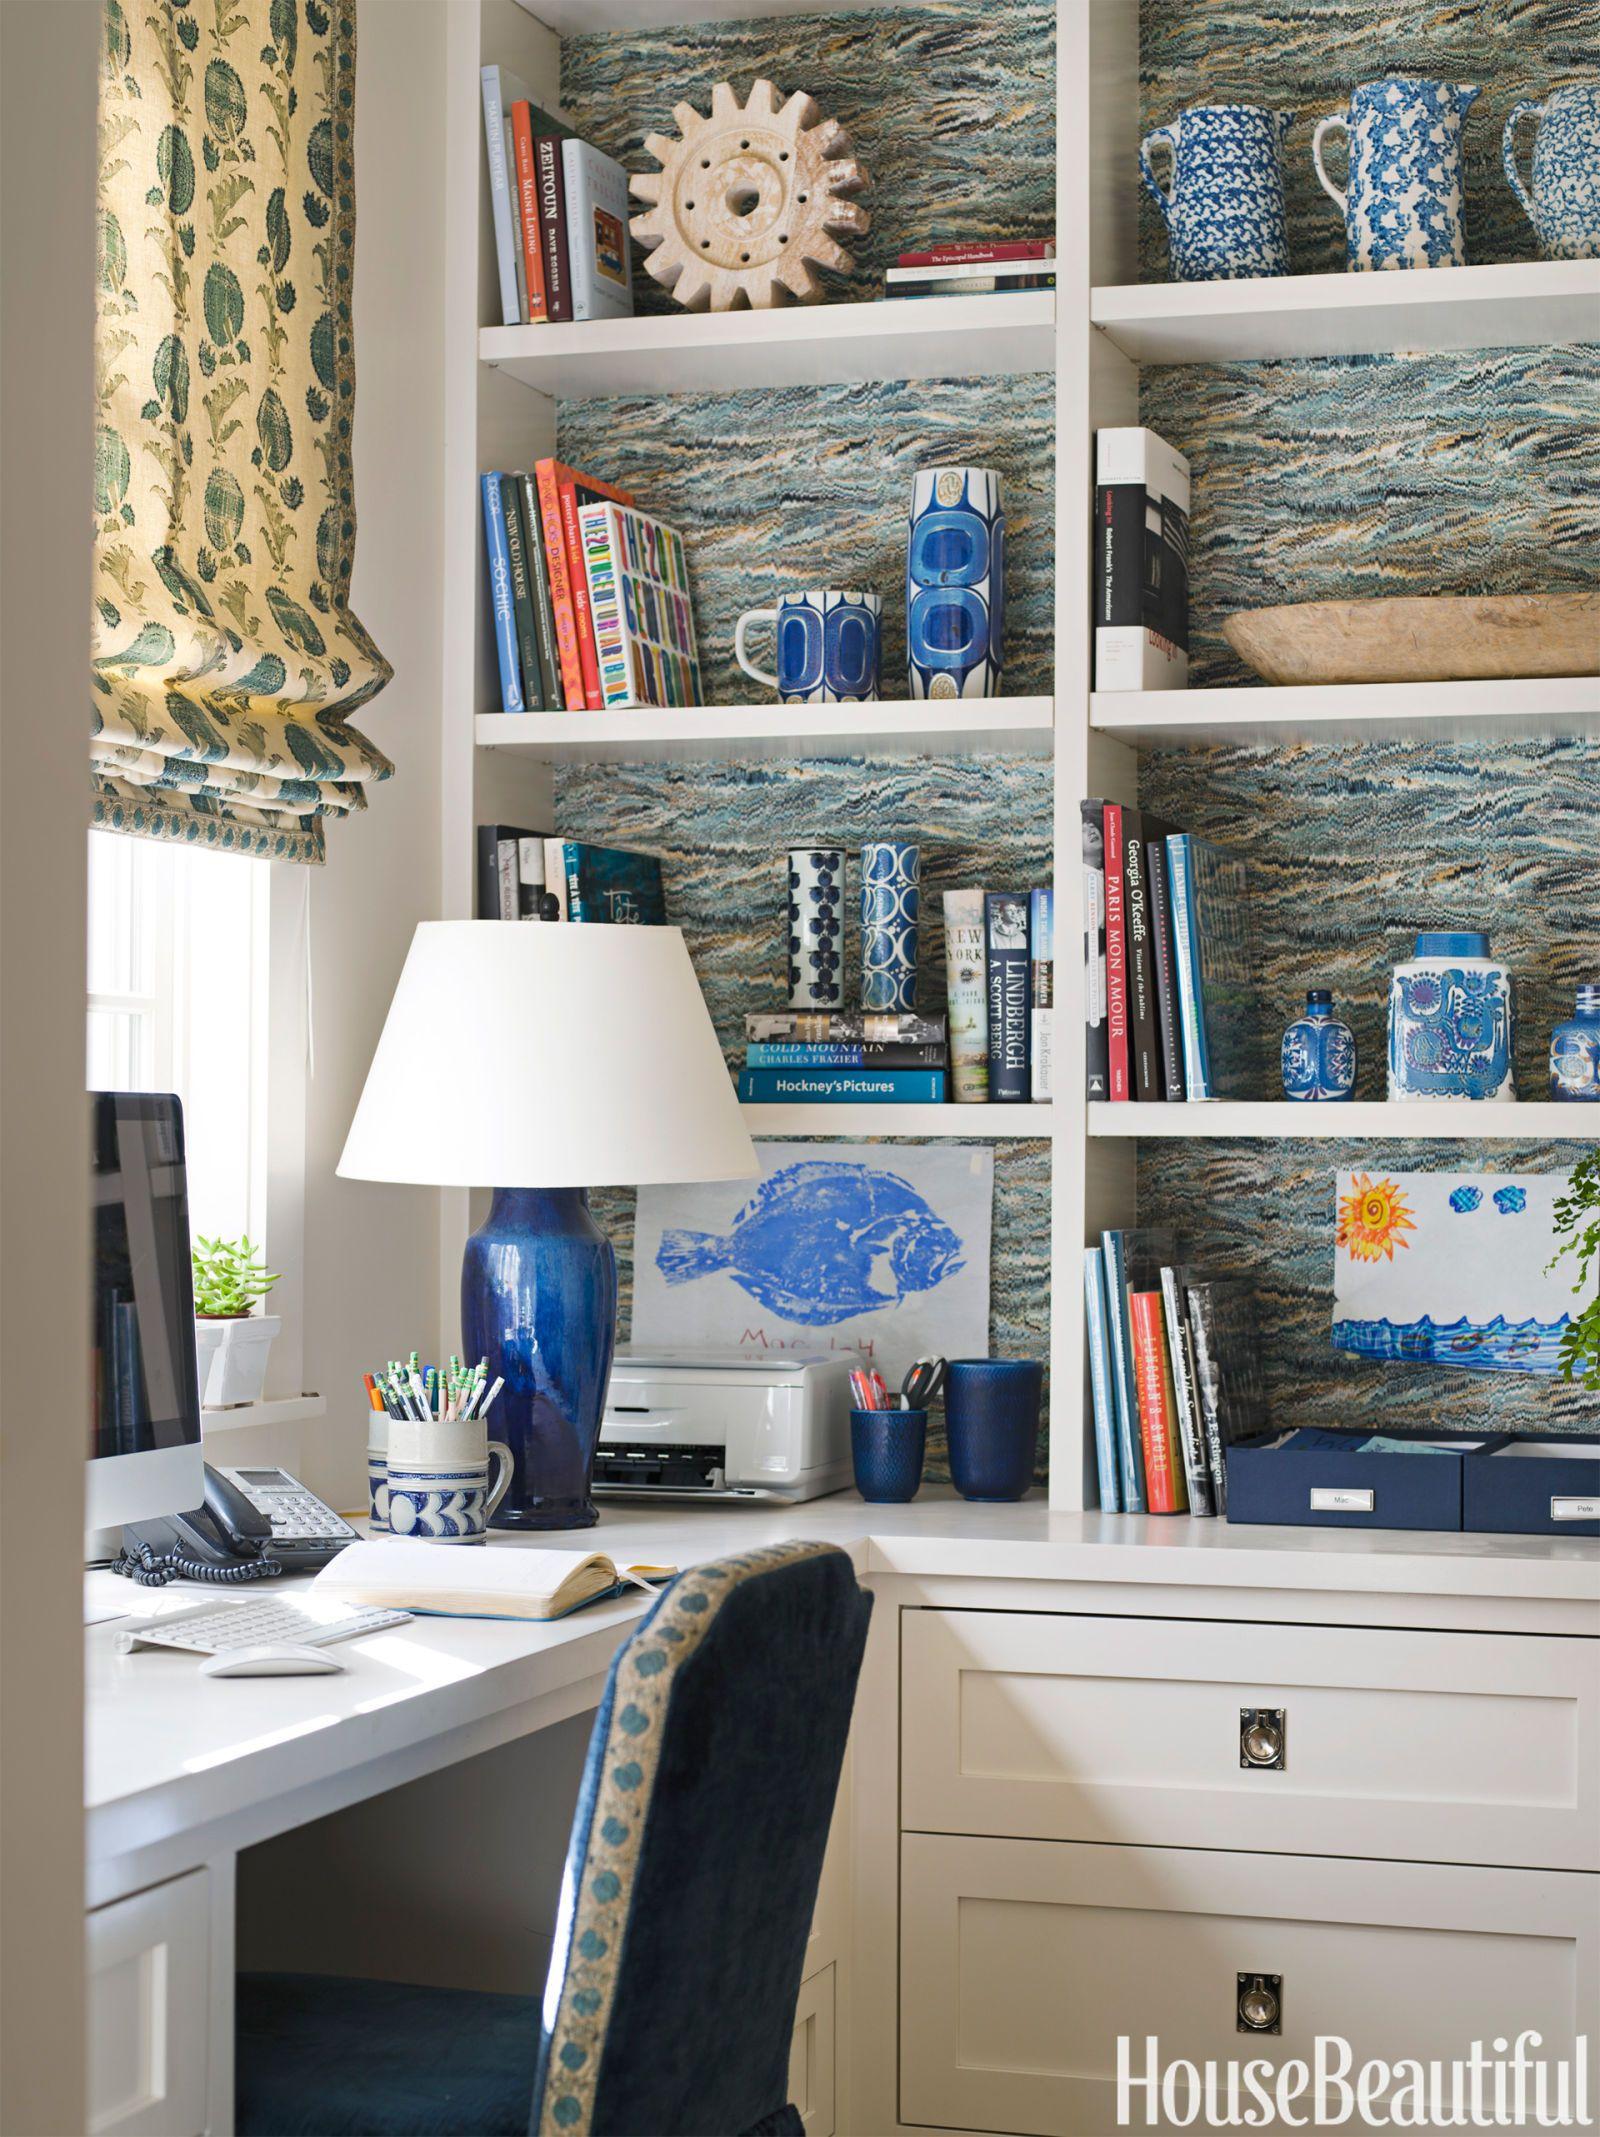 24 Stylish Bookshelf Decorating Ideas Unique Diy Bookshelf